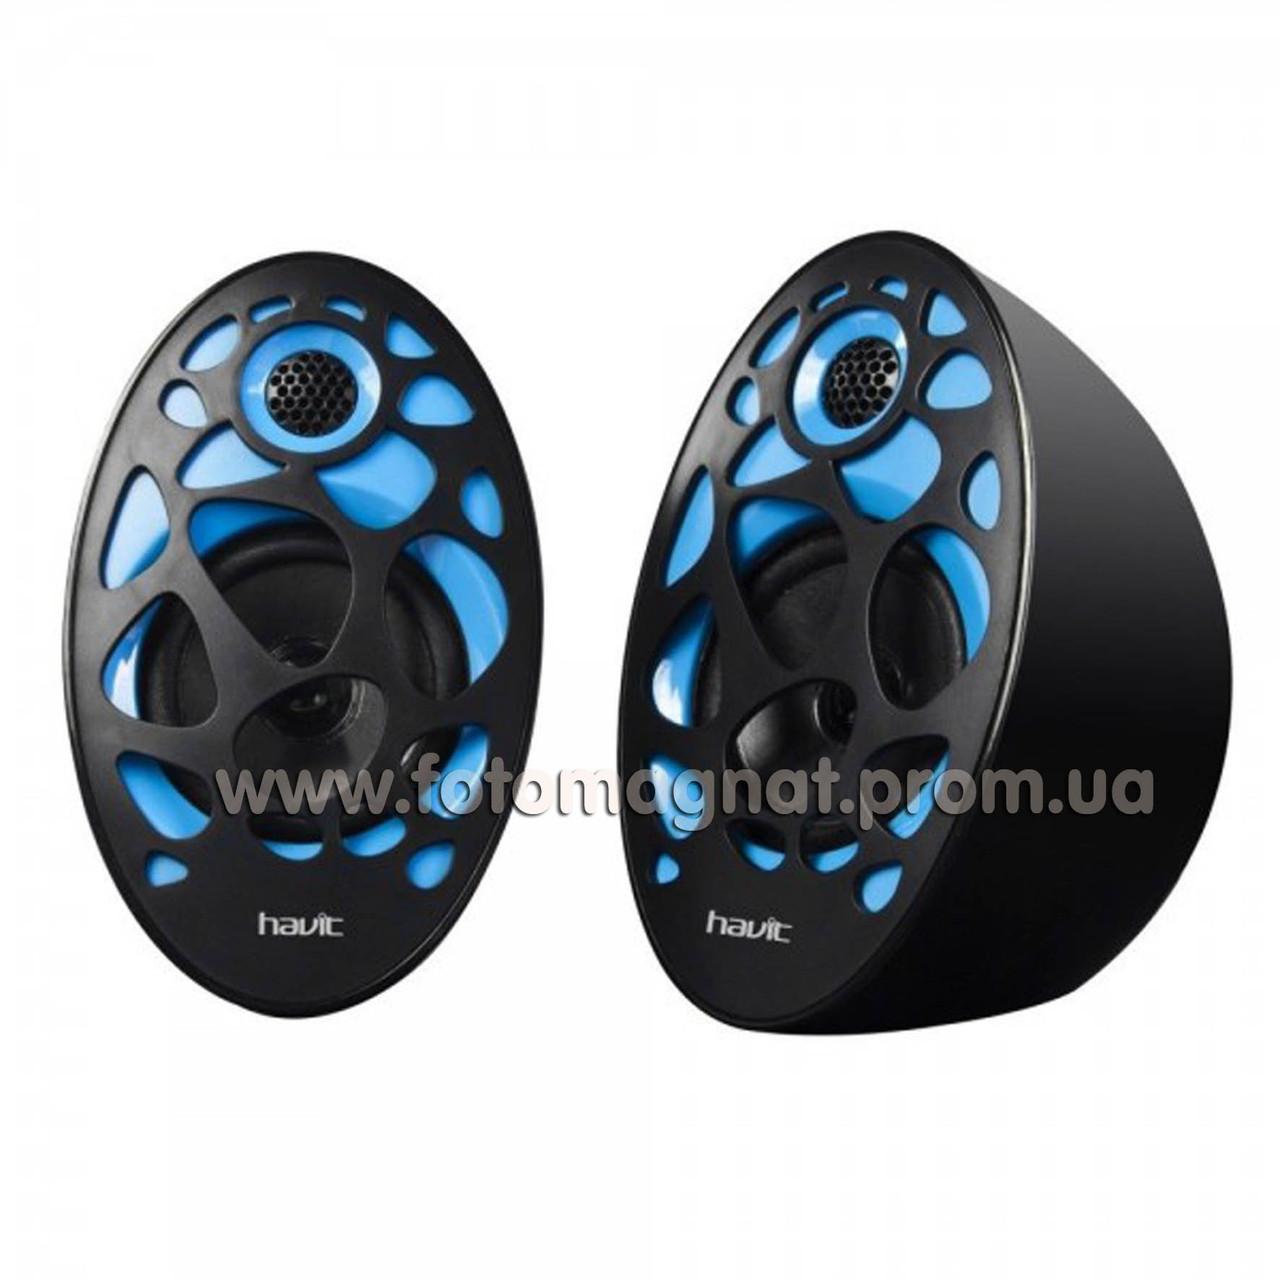 Колонки мини компьютерные   HAVIT HV-SK 455 blue